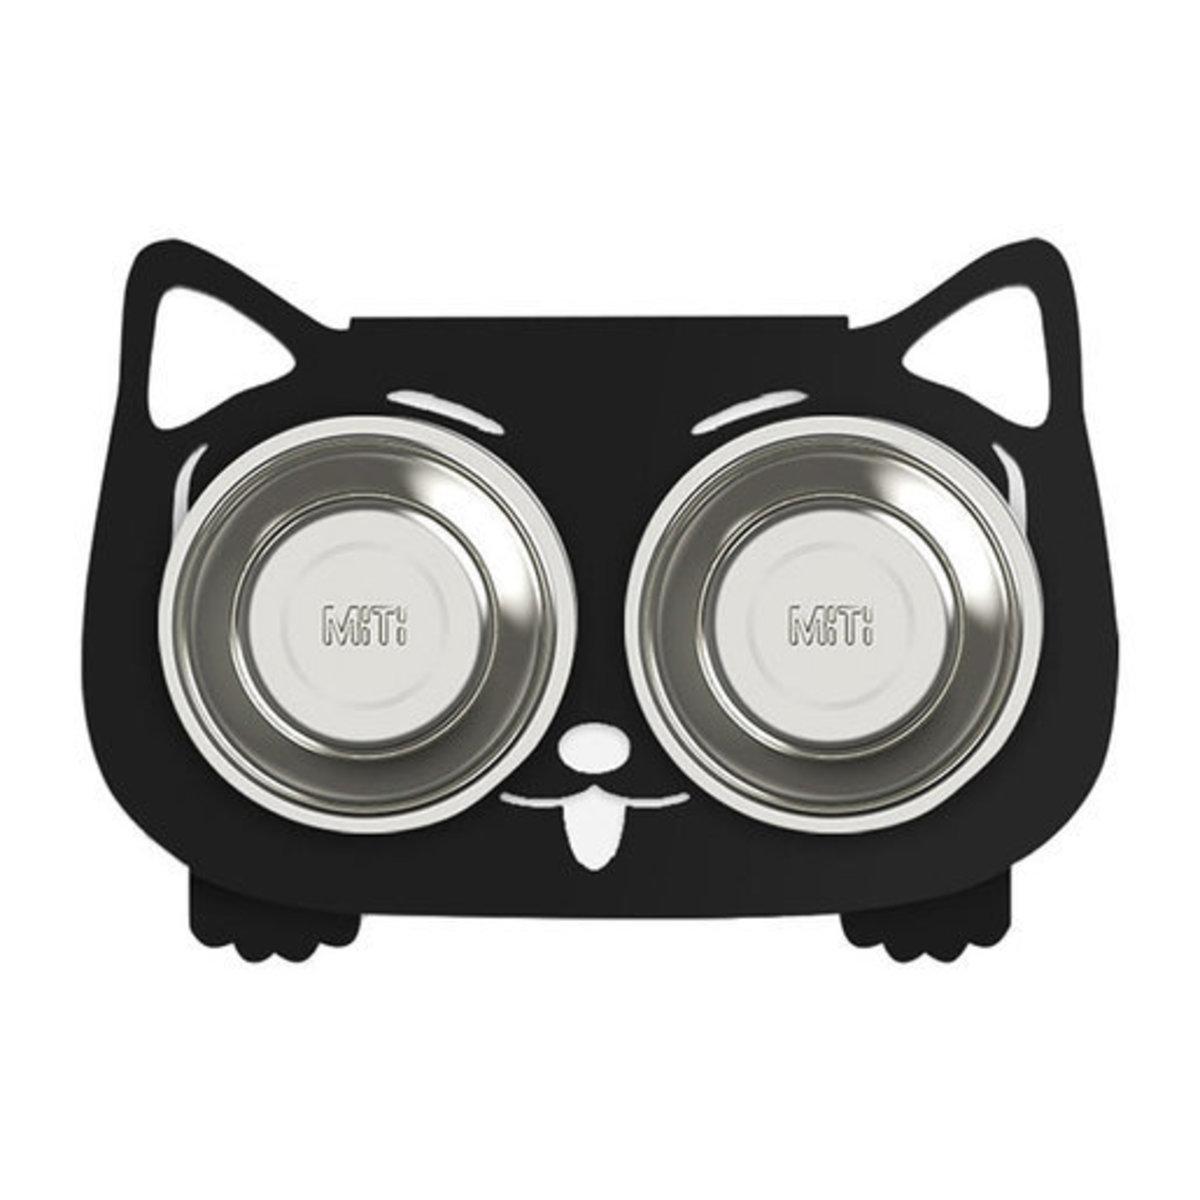 寵物不鏽鋼食物架(連碗) - 黑色